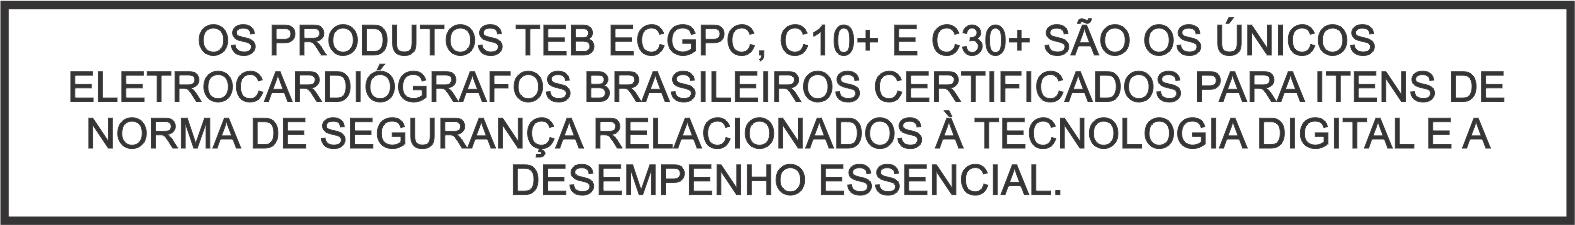 Os produtos TEB ECGPC, C10+ e C30+ são os únicos eletrocardiógrafos brasileiros certificados para itens de Norma de Segurança relacionados à tecnologia digital e a desempenho essencial.